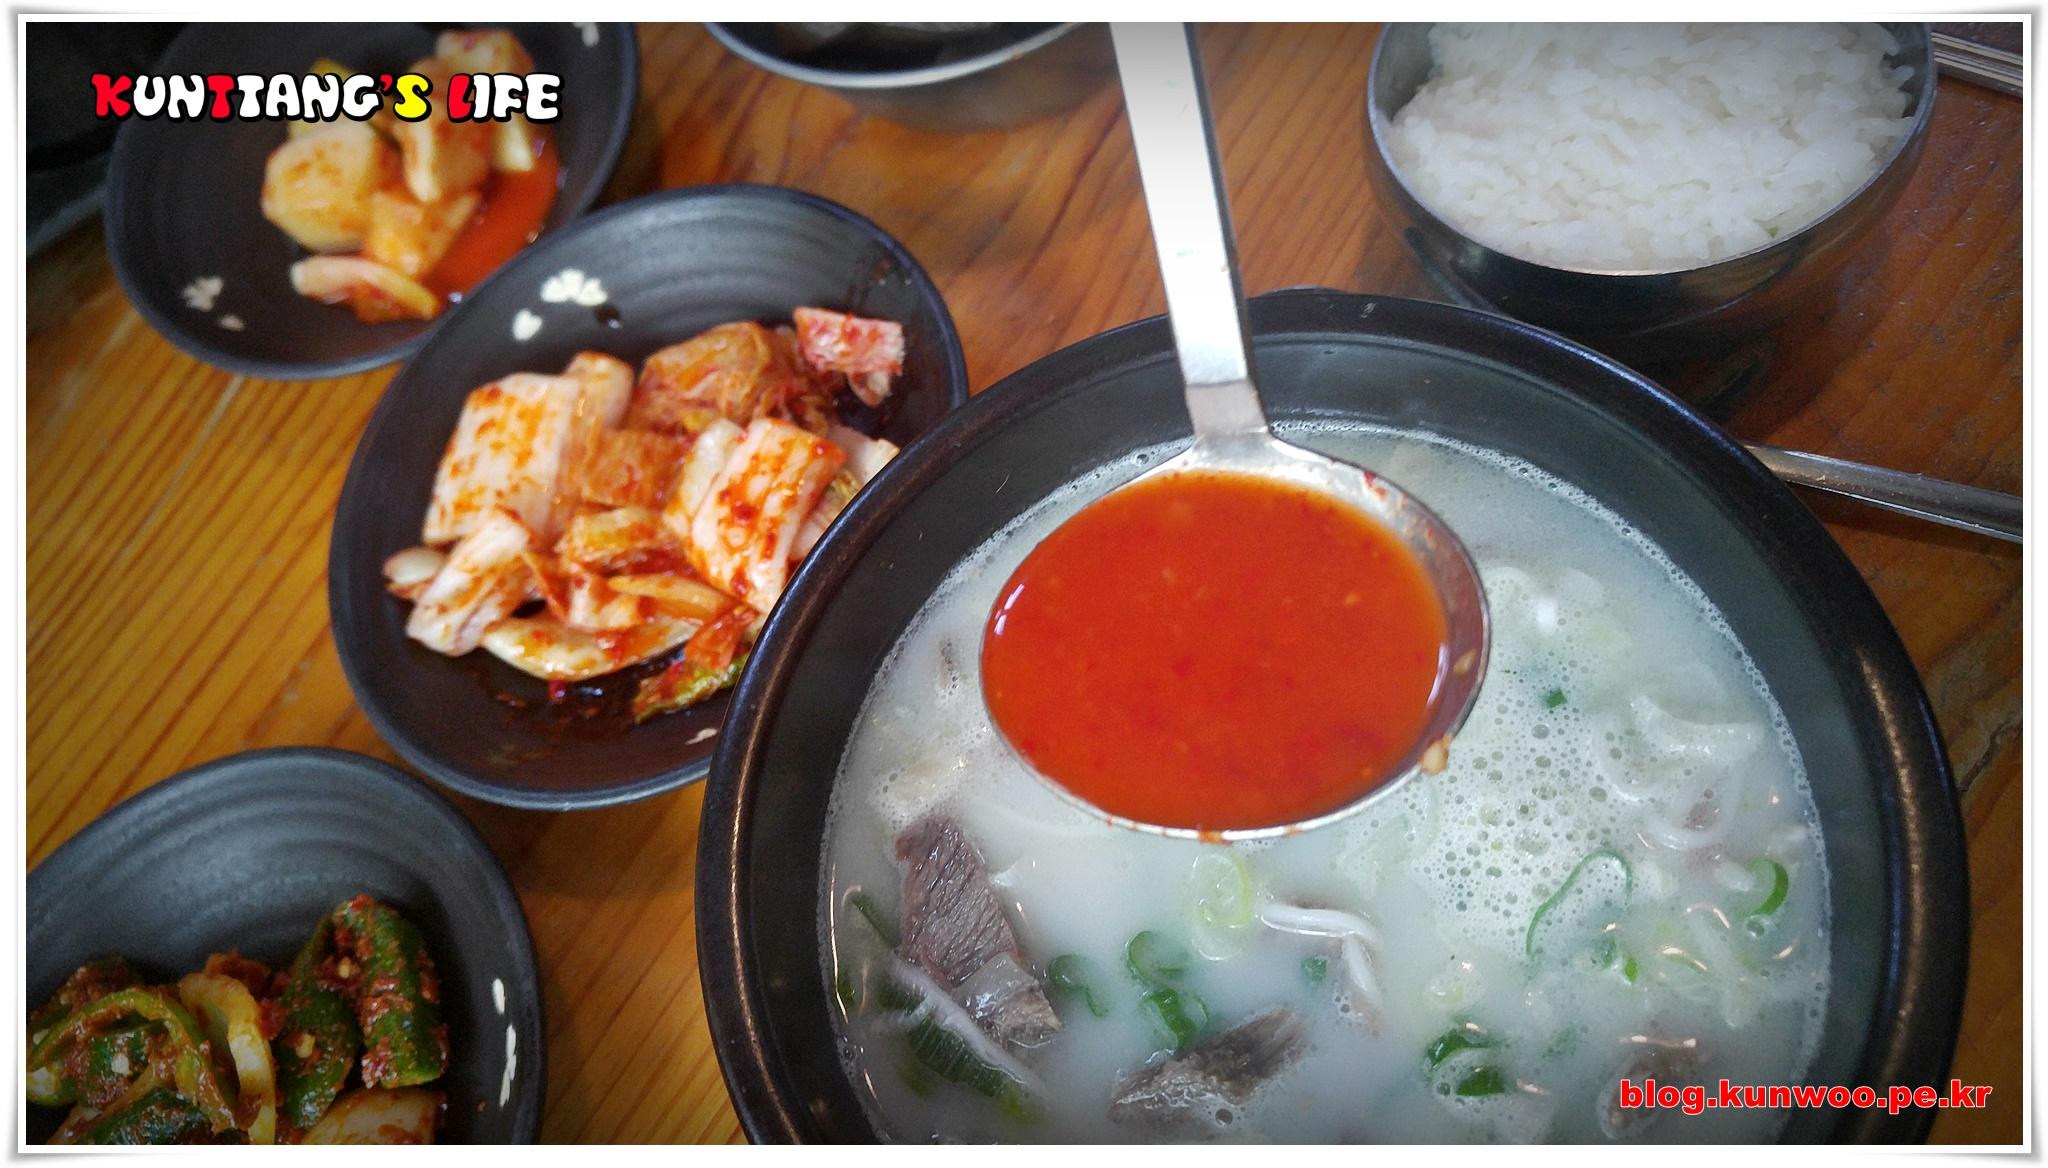 [그림9] 소머리국밥을 아주 맛있게 먹는 방법